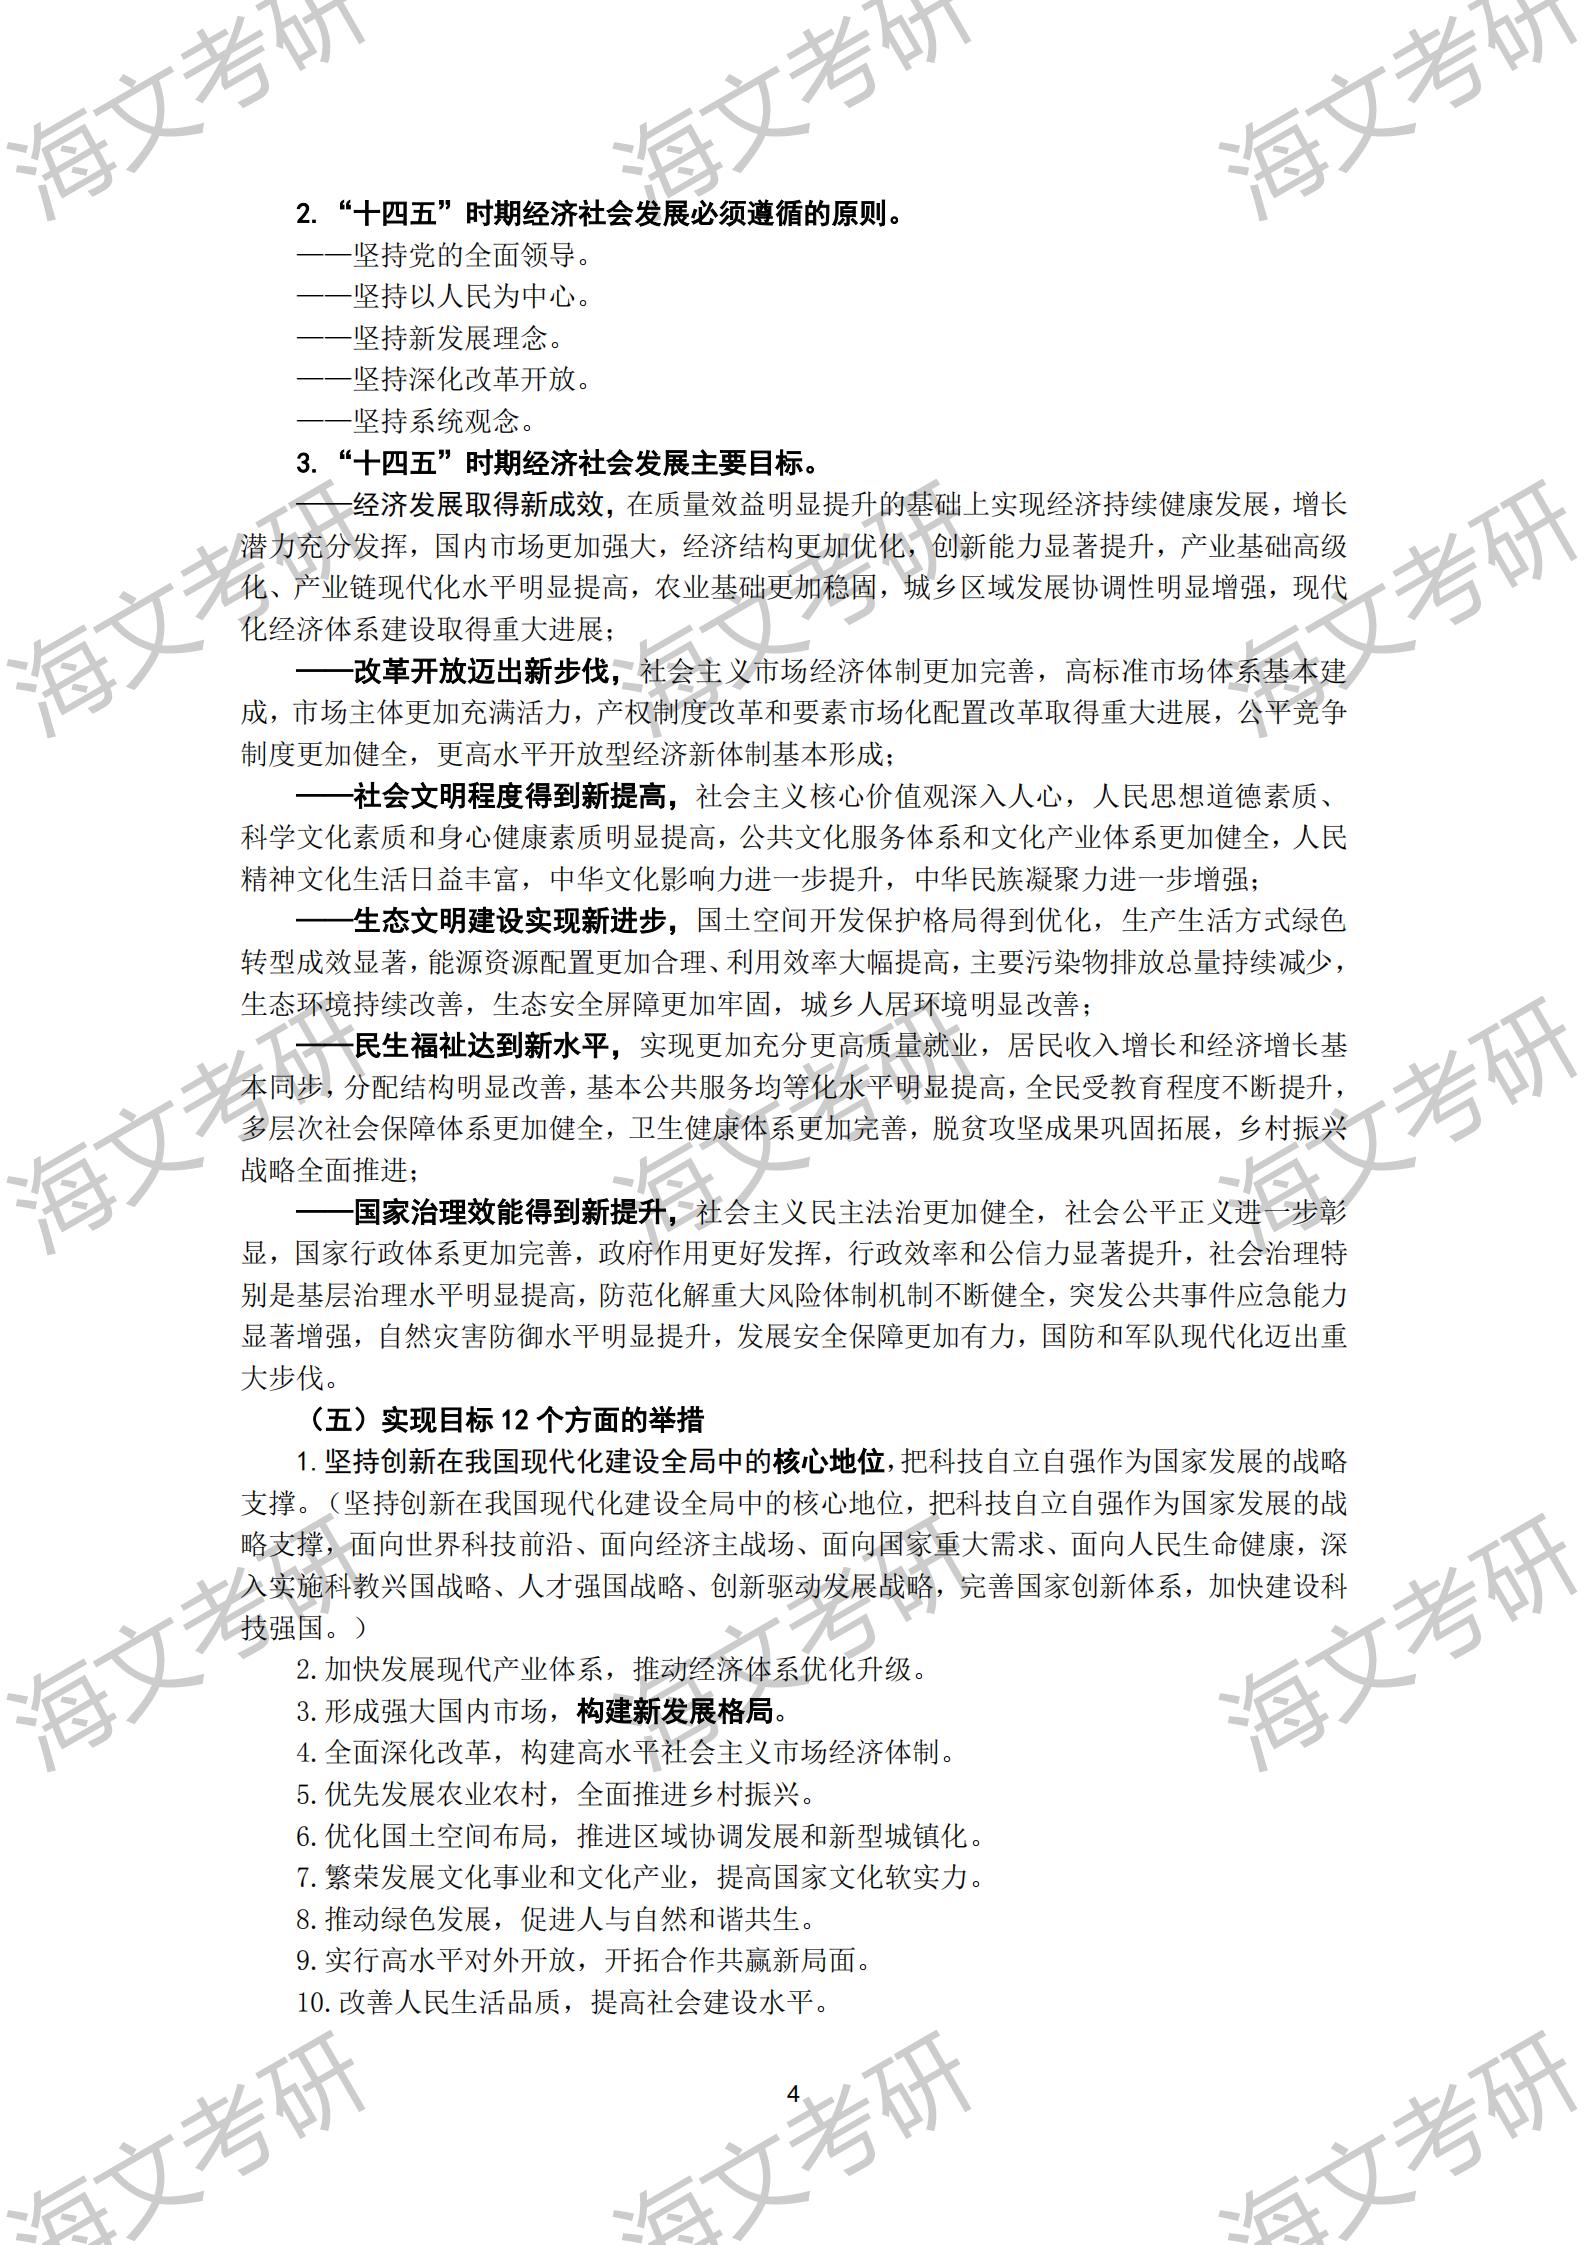 【考研政治】2021考研政治考前必背(用于冲刺全科)_03.png